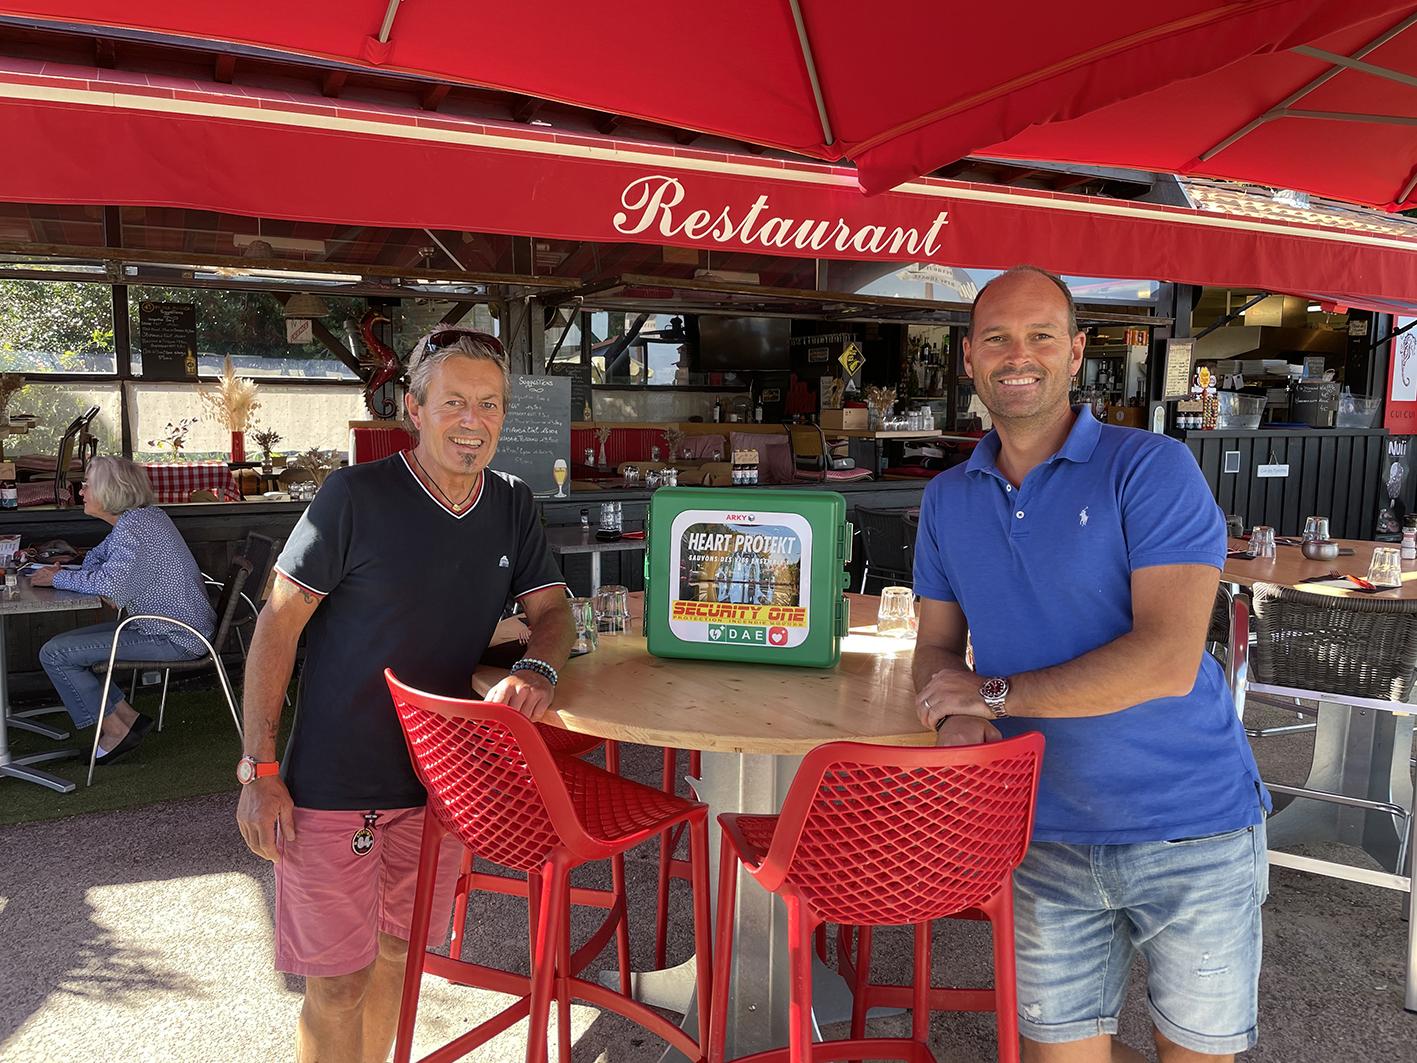 Le restaurant La Cazaute s'équipe d'un défibrillateur fourni par SECURITY ONE, le spécialiste prévention du Bassin